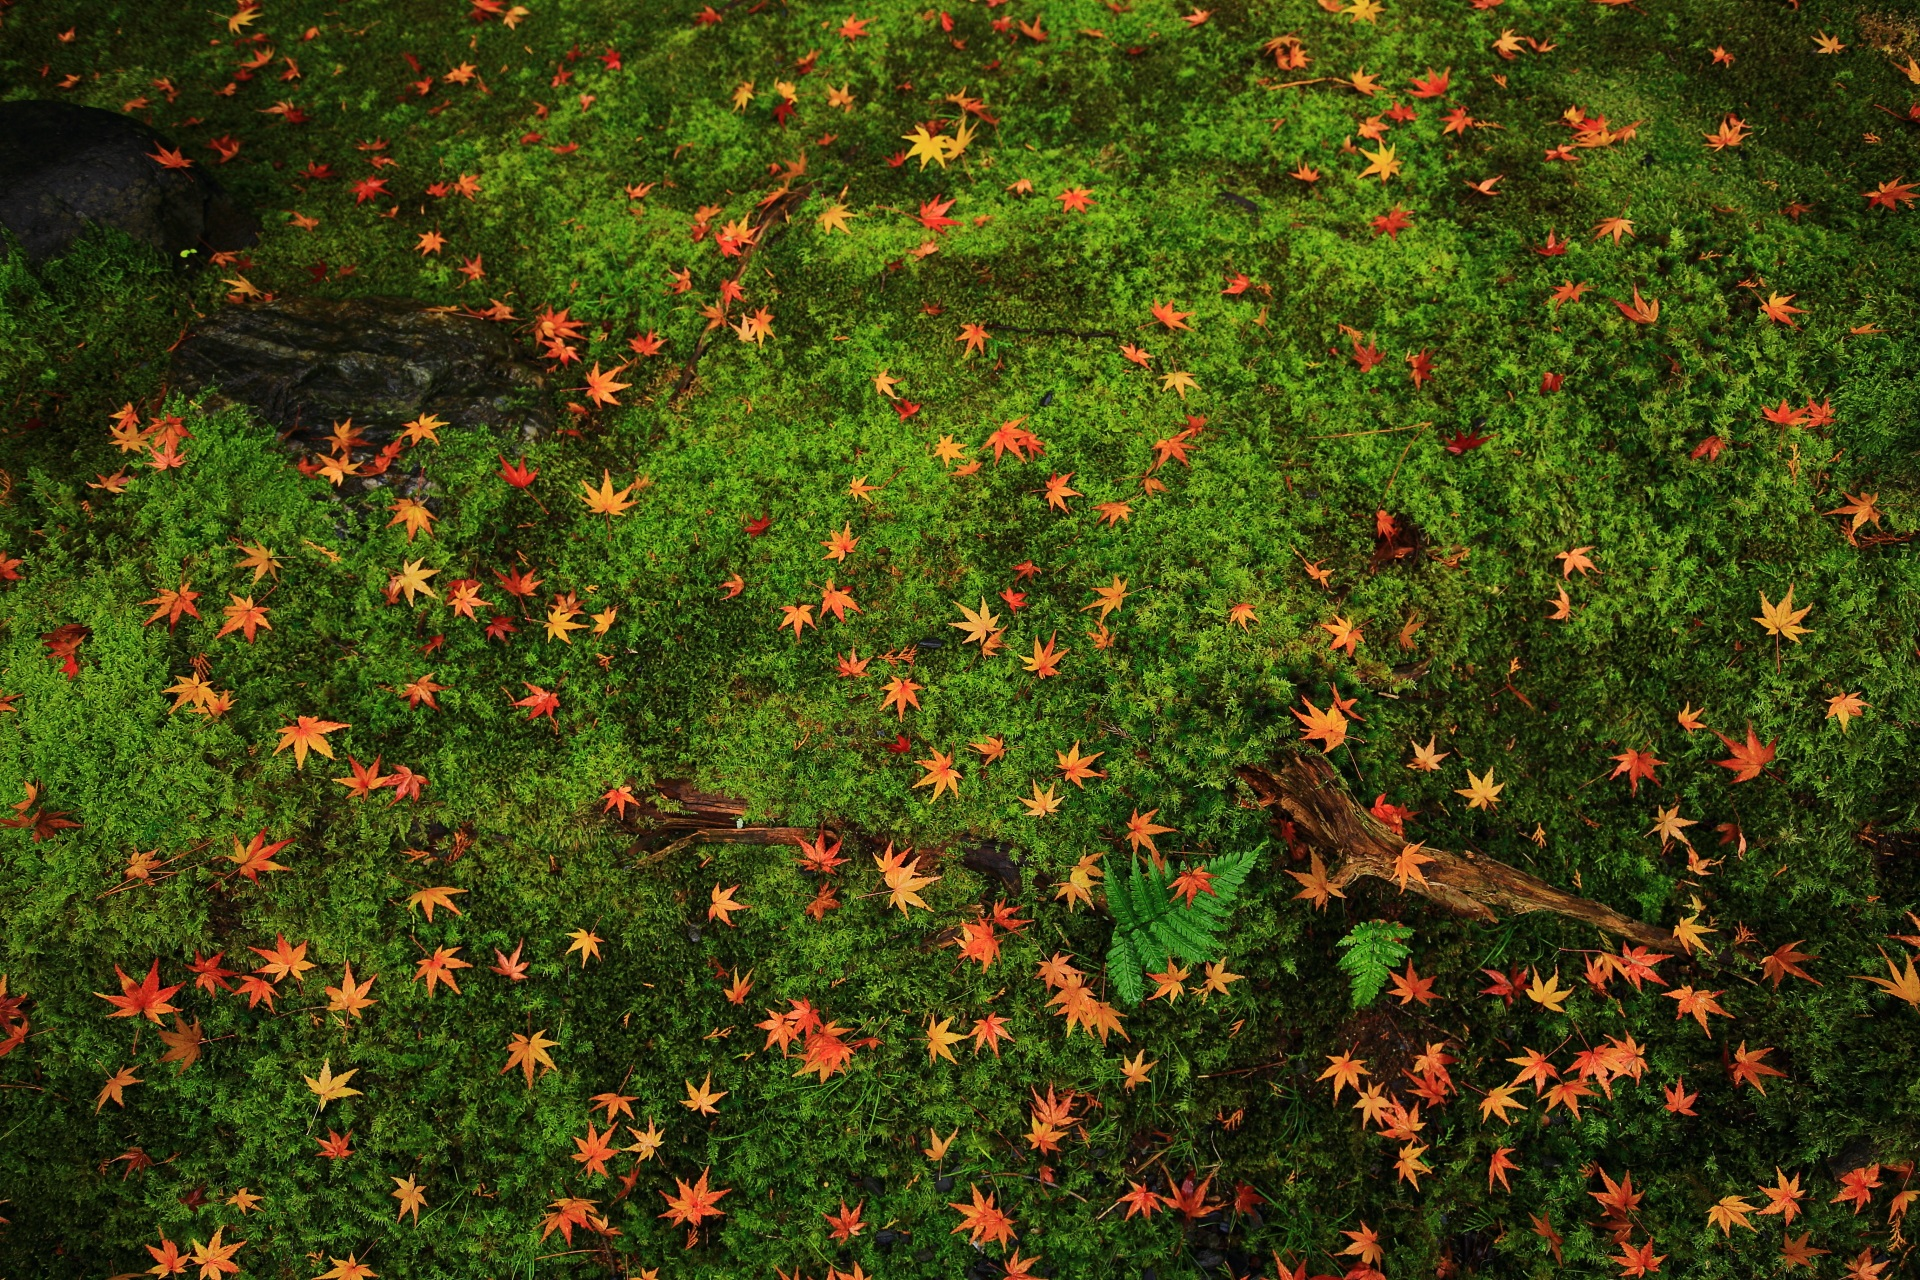 桂春院のふかふかの苔を染める星のような散りもみじ